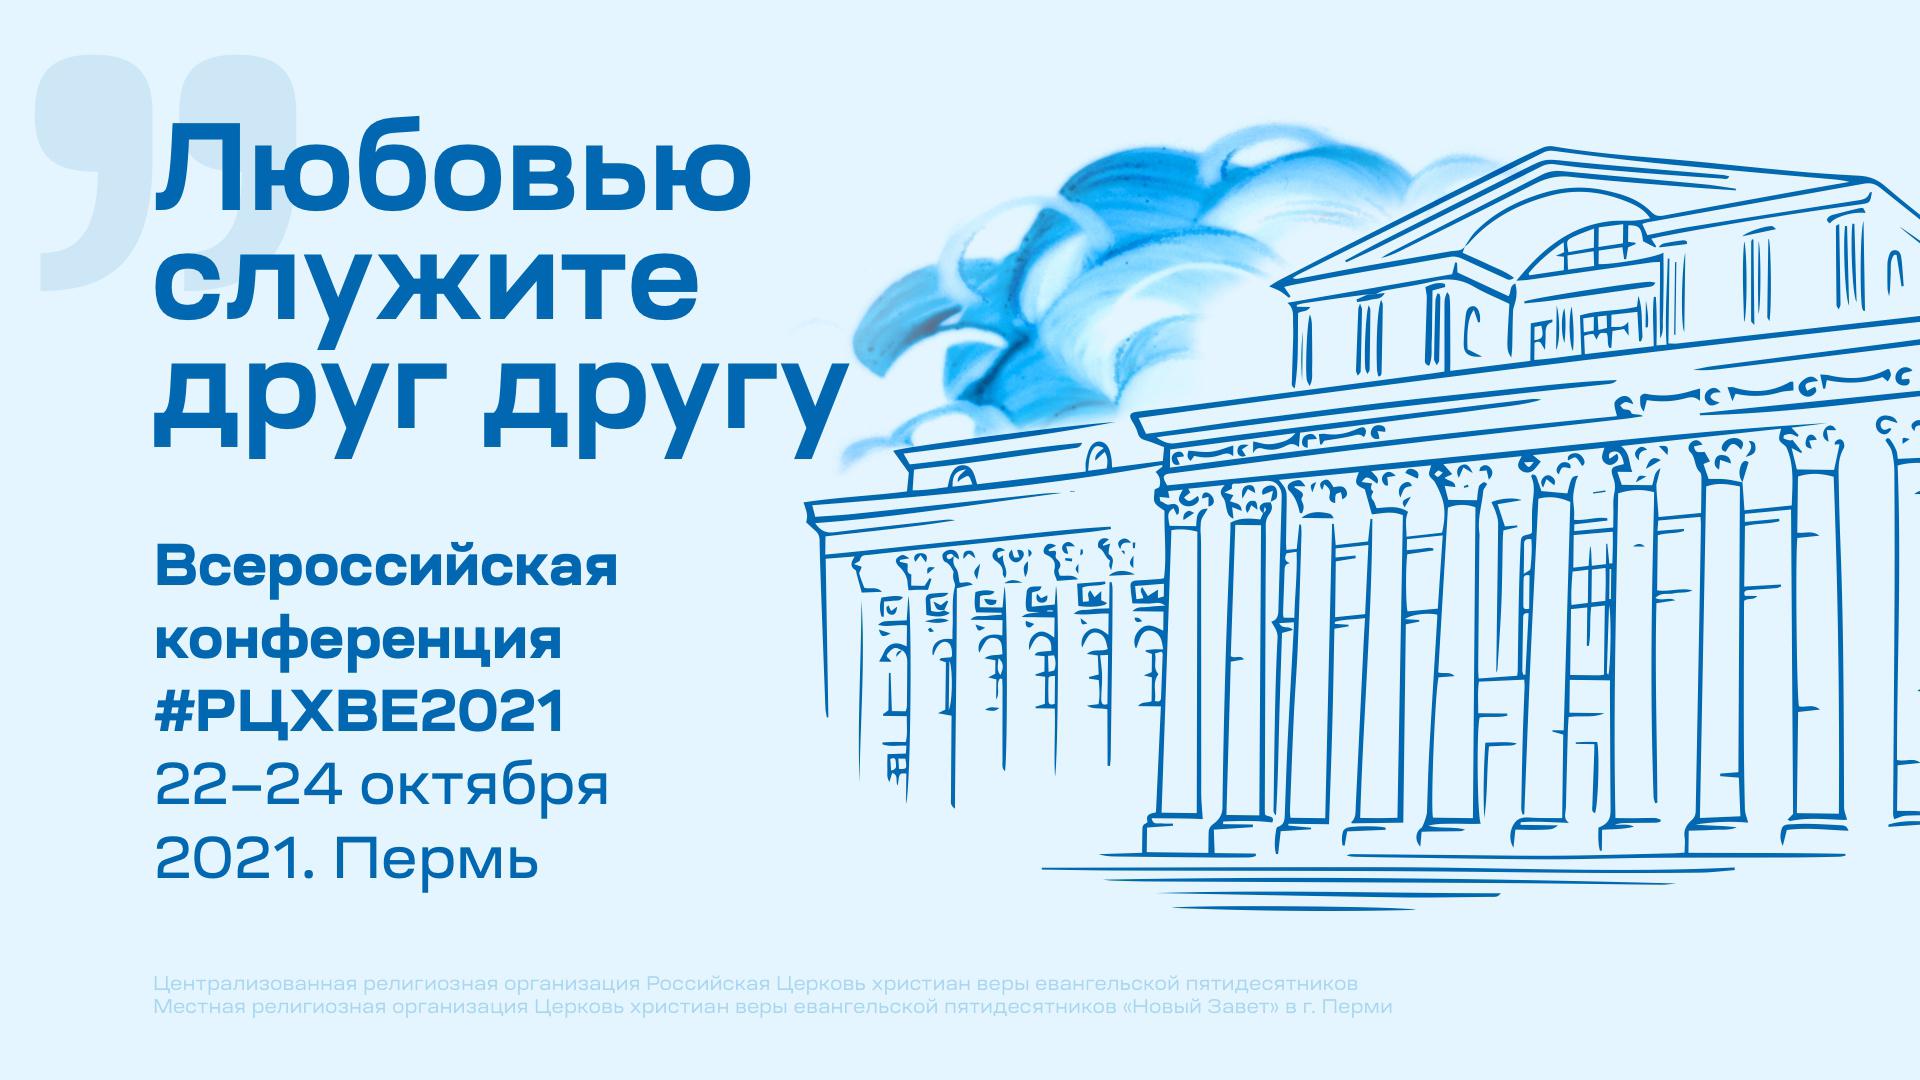 «Любовью служите друг другу». С 22 по 24 октября в Перми пройдёт всероссийская онлайн конференция #РЦХВЕ2021